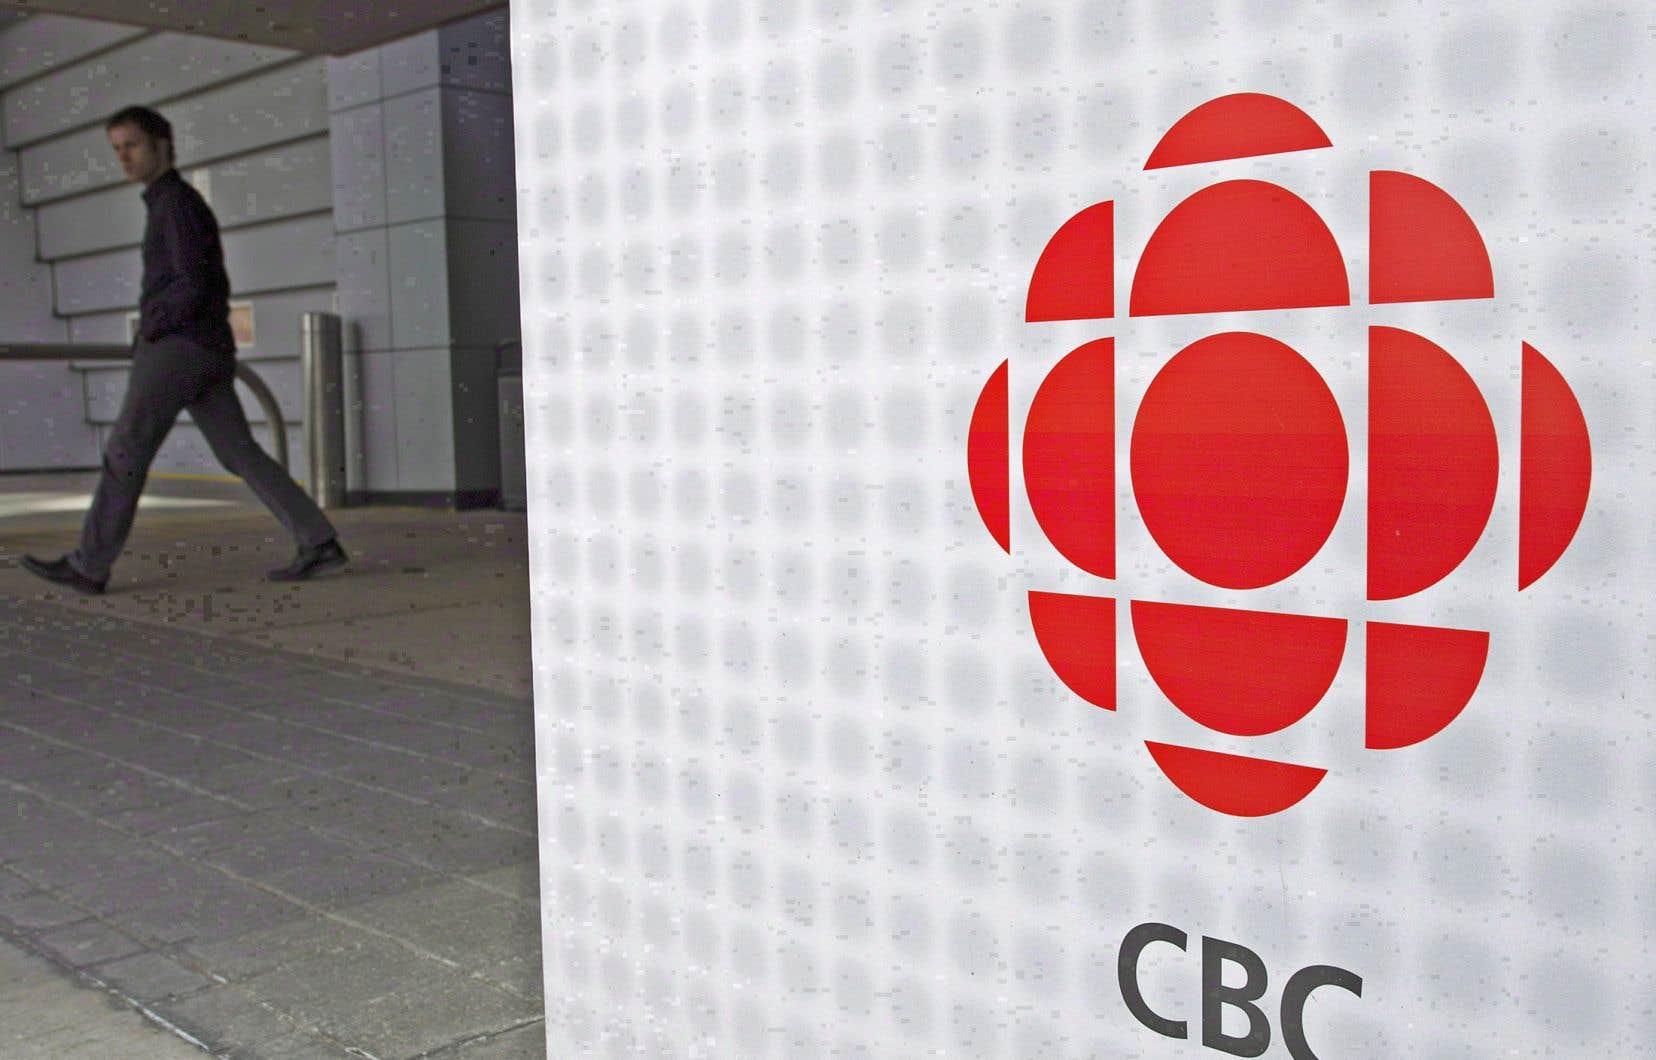 Dans un reportage diffusé jeudi, «La Presse+» révélait que l'ex-chef de bureau de Radio-Canada à Ottawa a fait subir du harcèlement psychologique, de l'intimidation et des agressions verbales à plusieurs de ses collègues.